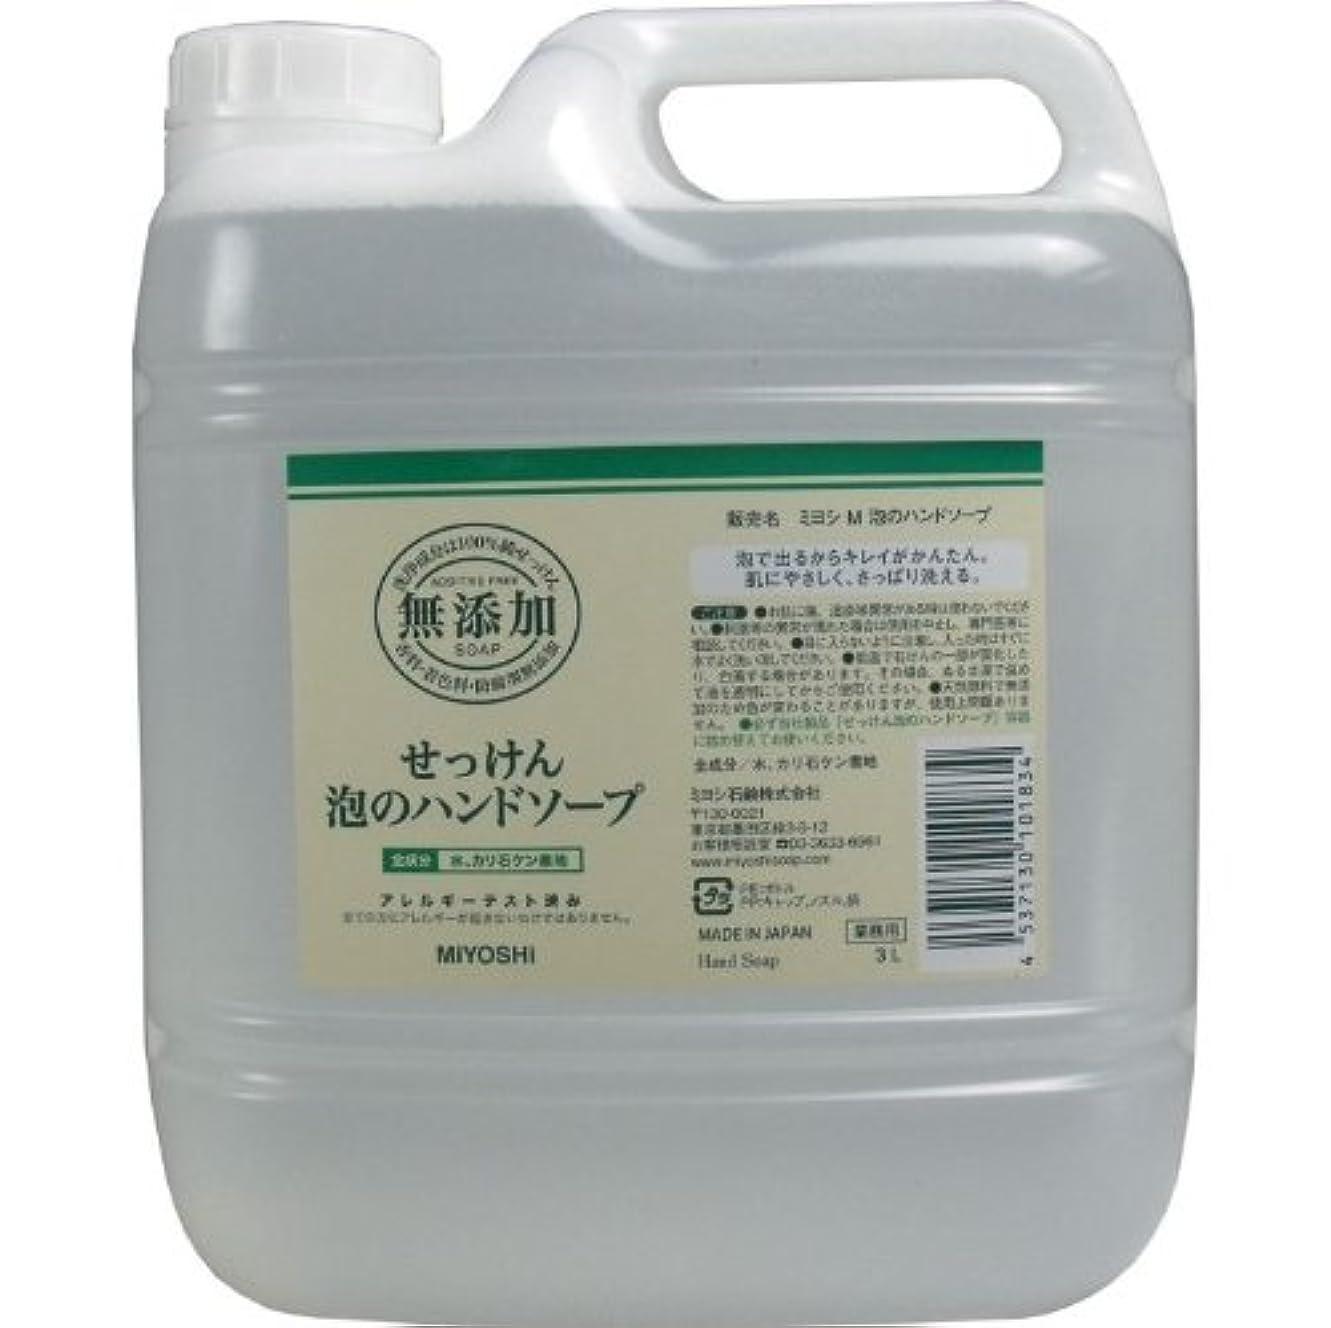 飛行機未払いカストディアン泡で出るからキレイが簡単!家事の間のサッと洗いも簡単!香料、着色料、防腐剤無添加!(業務用)3L【3個セット】